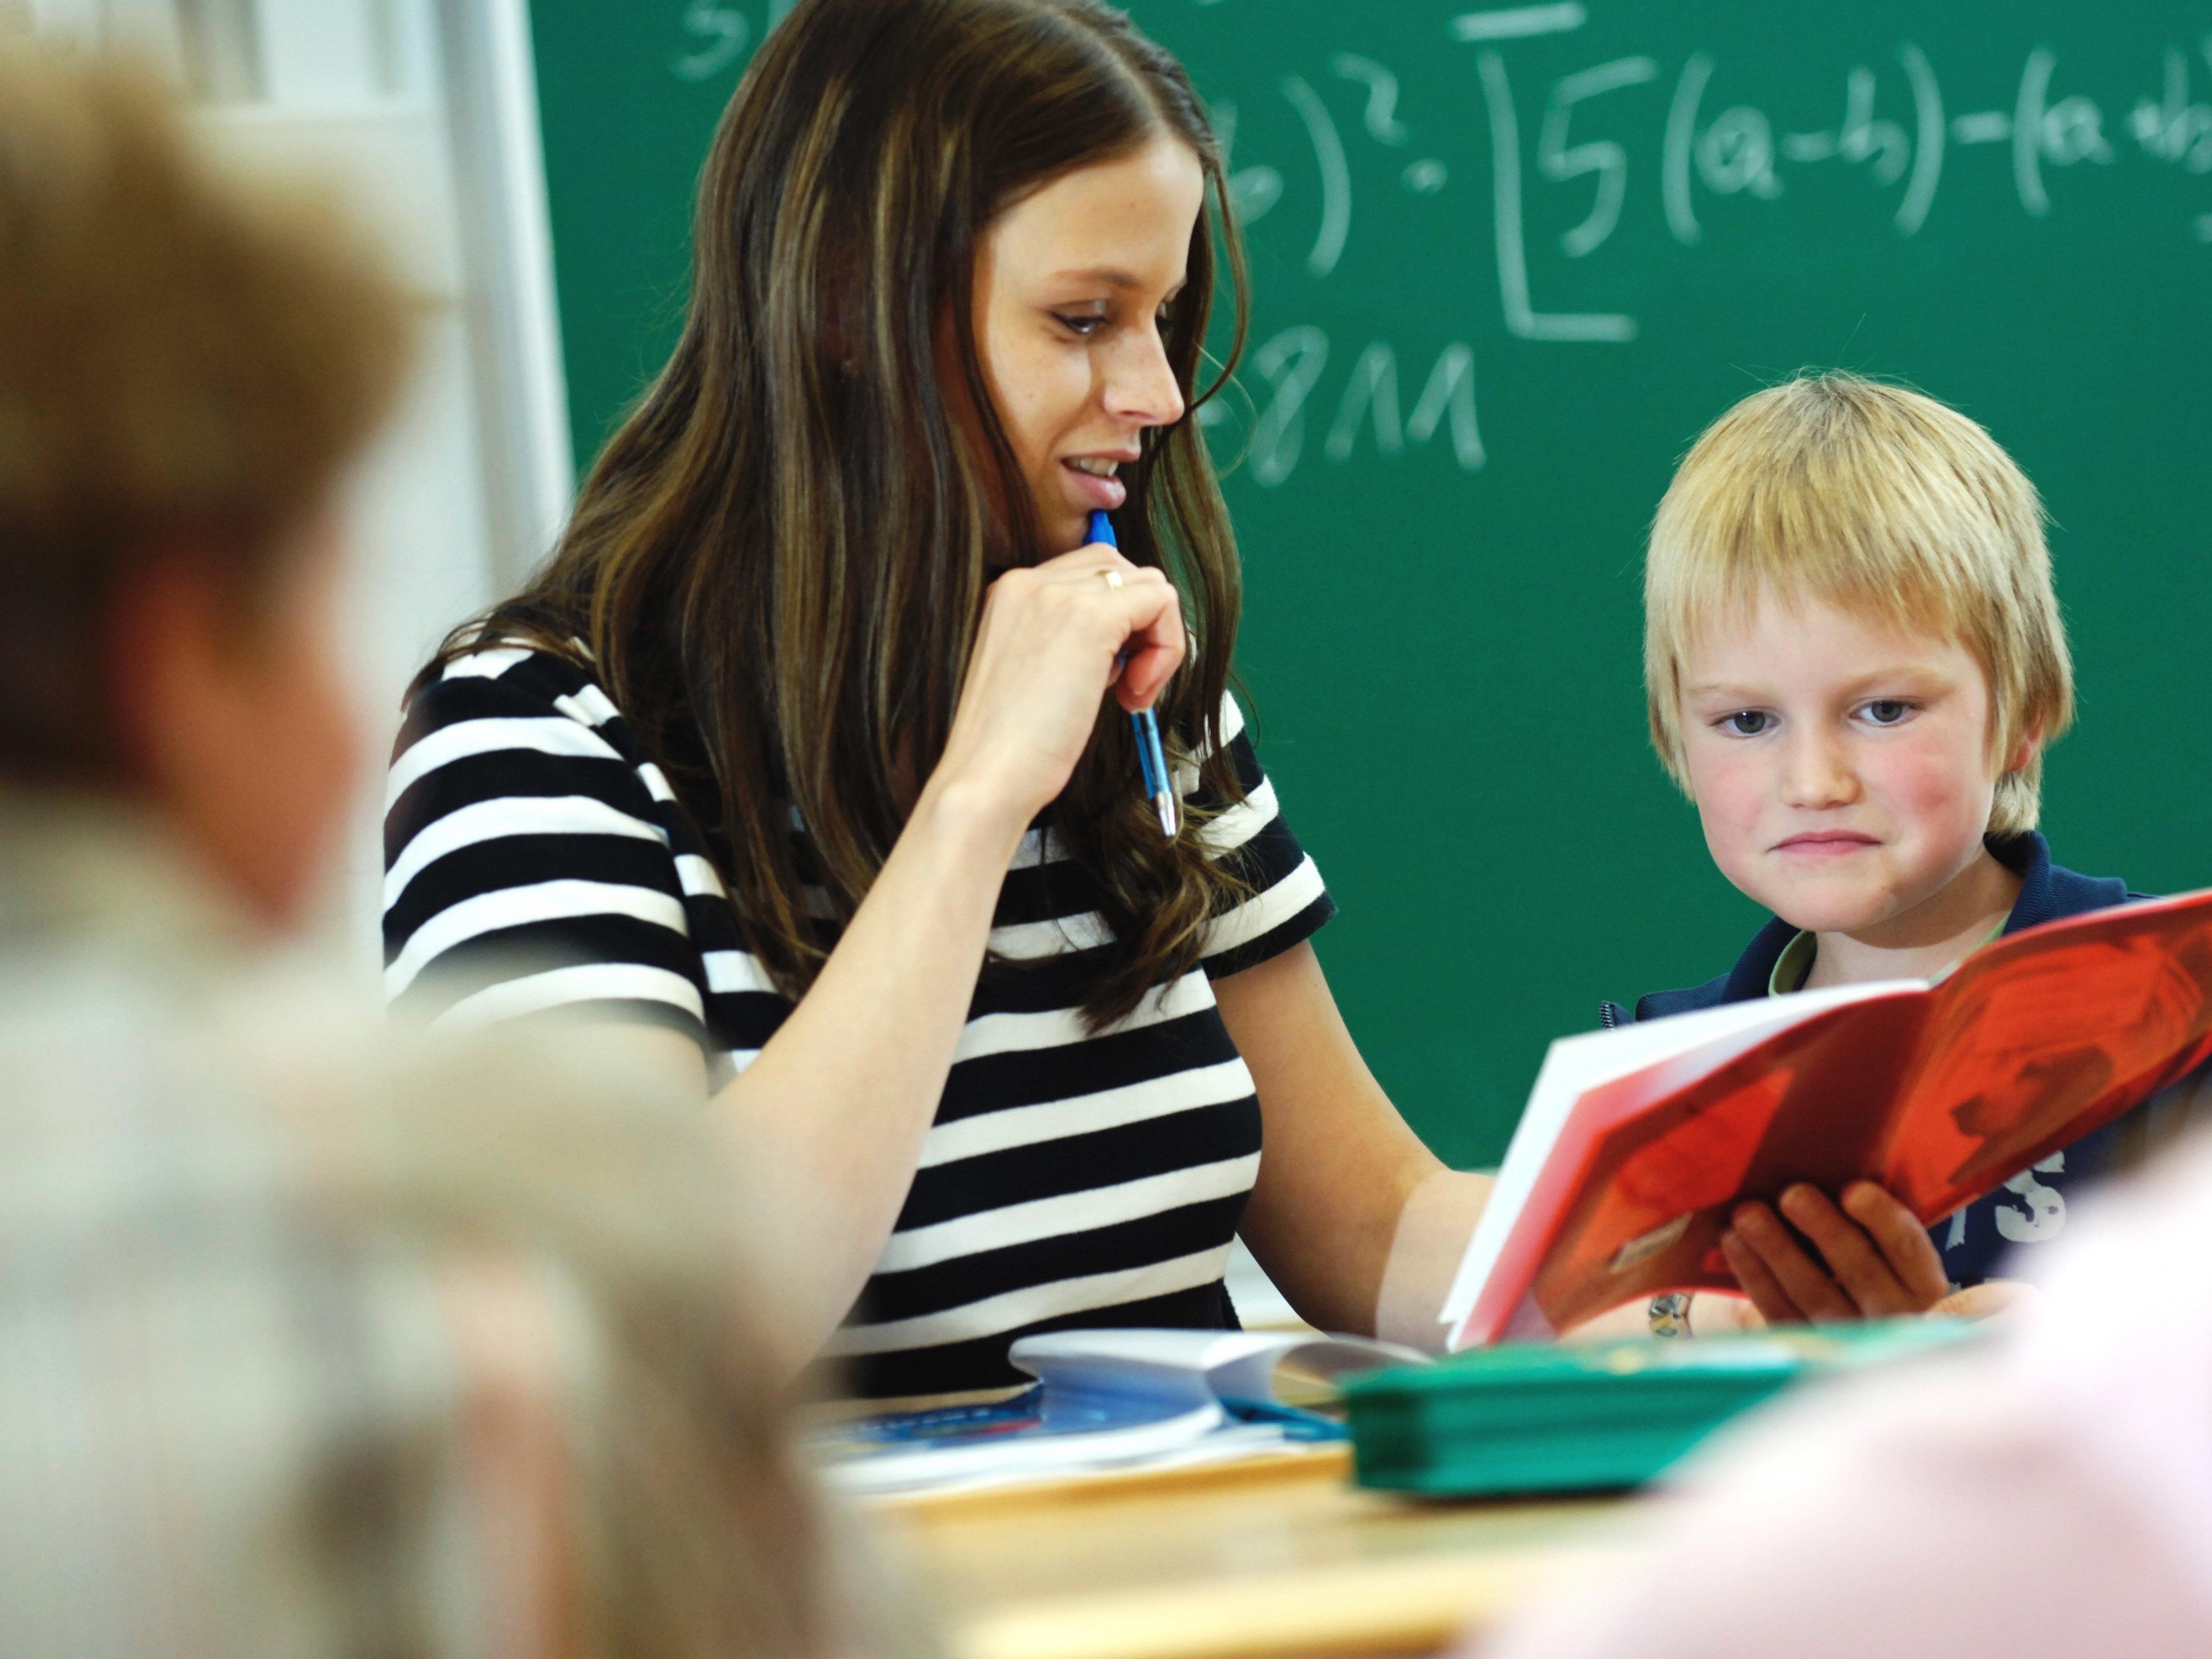 Geht es nach dem Experten, gibt es zu wenige Lehrer mit Migrationshintergrund.